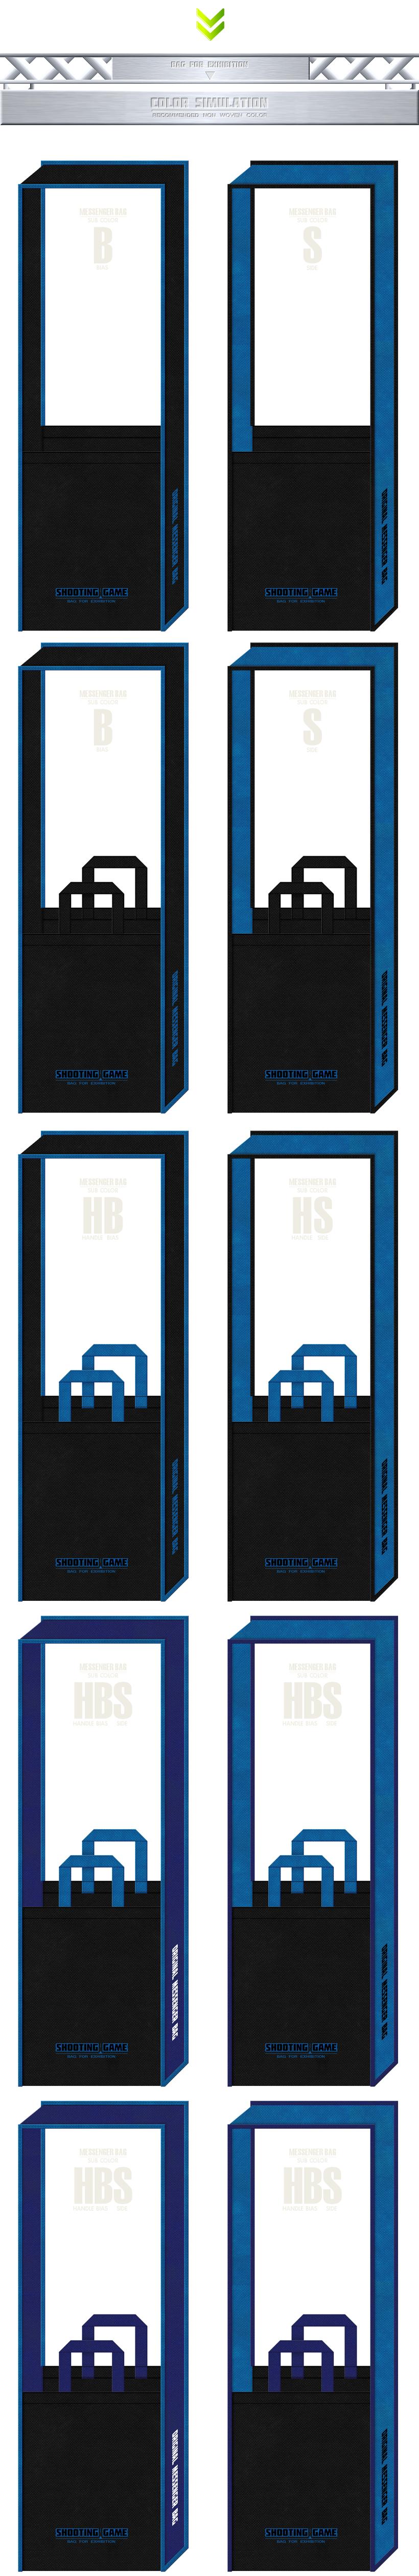 黒色と青色をメインに使用した不織布メッセンジャーバッグのカラーシミュレーション:シューティングゲームの展示会用バッグ